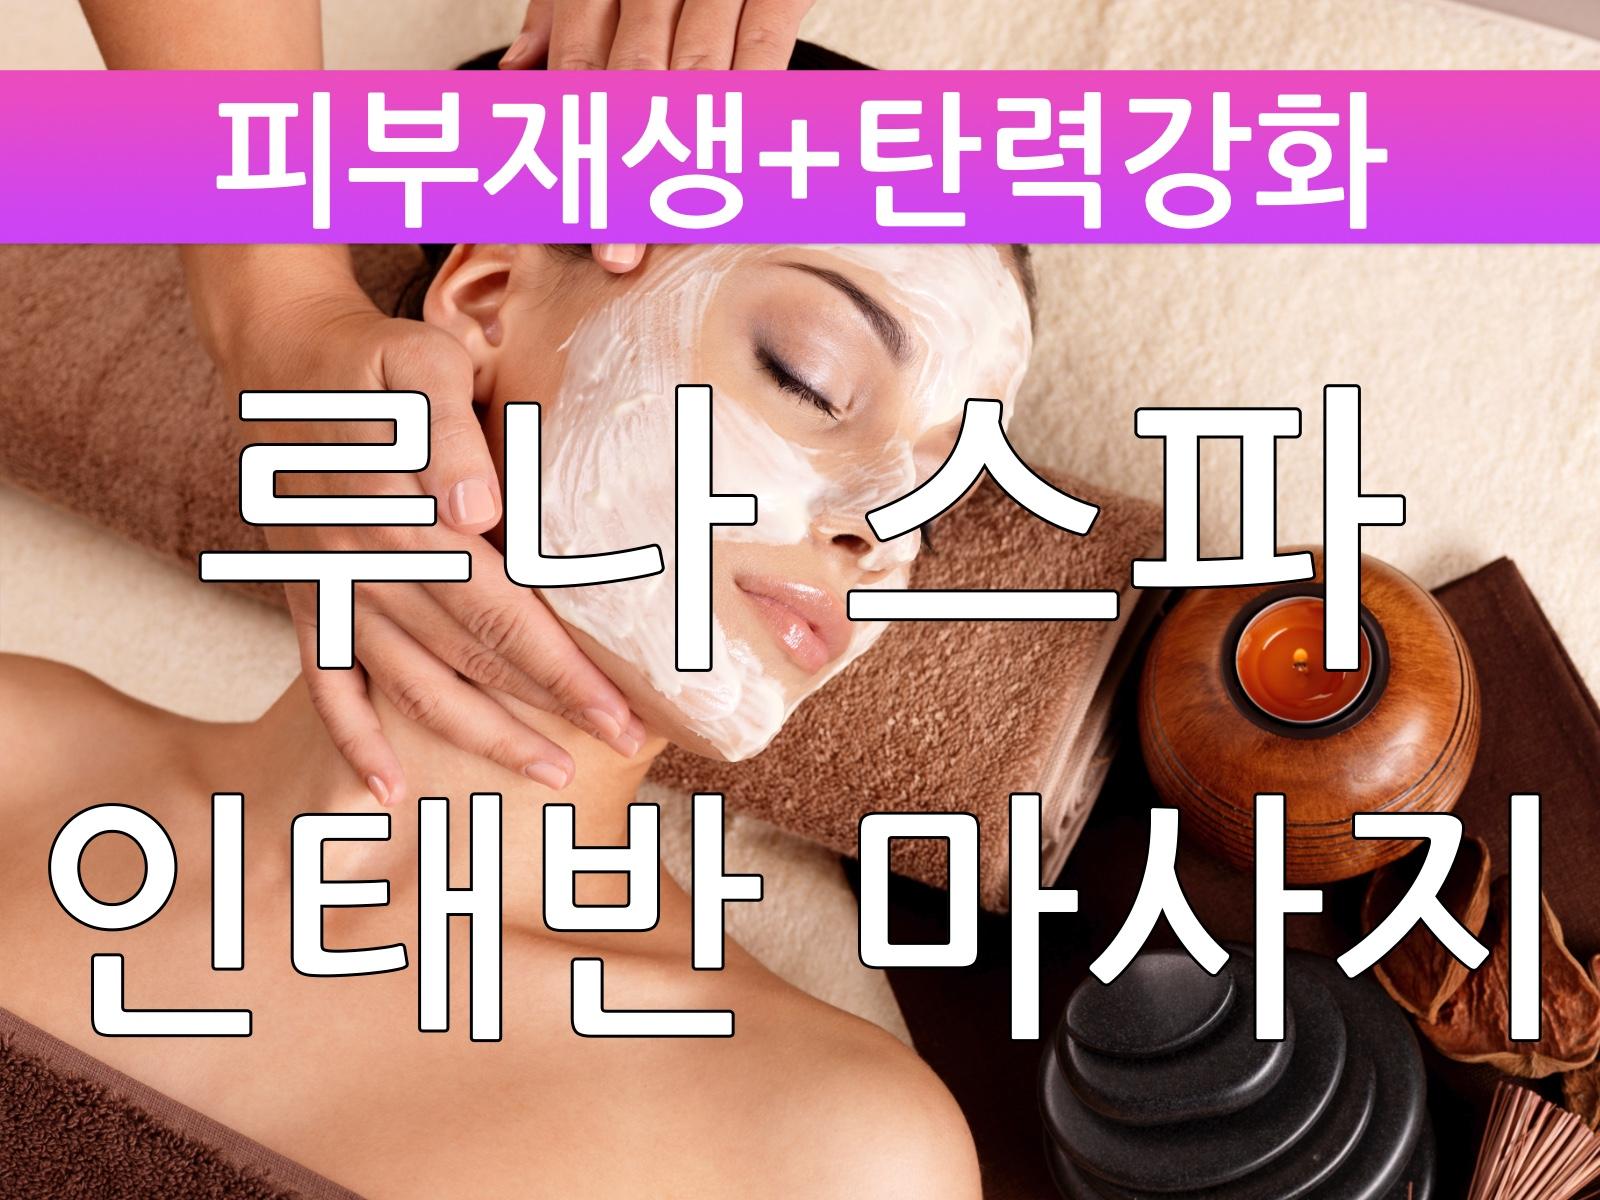 [보라카이 마사지 & 스파] 루나스파 - 인태반 마사지(Placenta Massage)